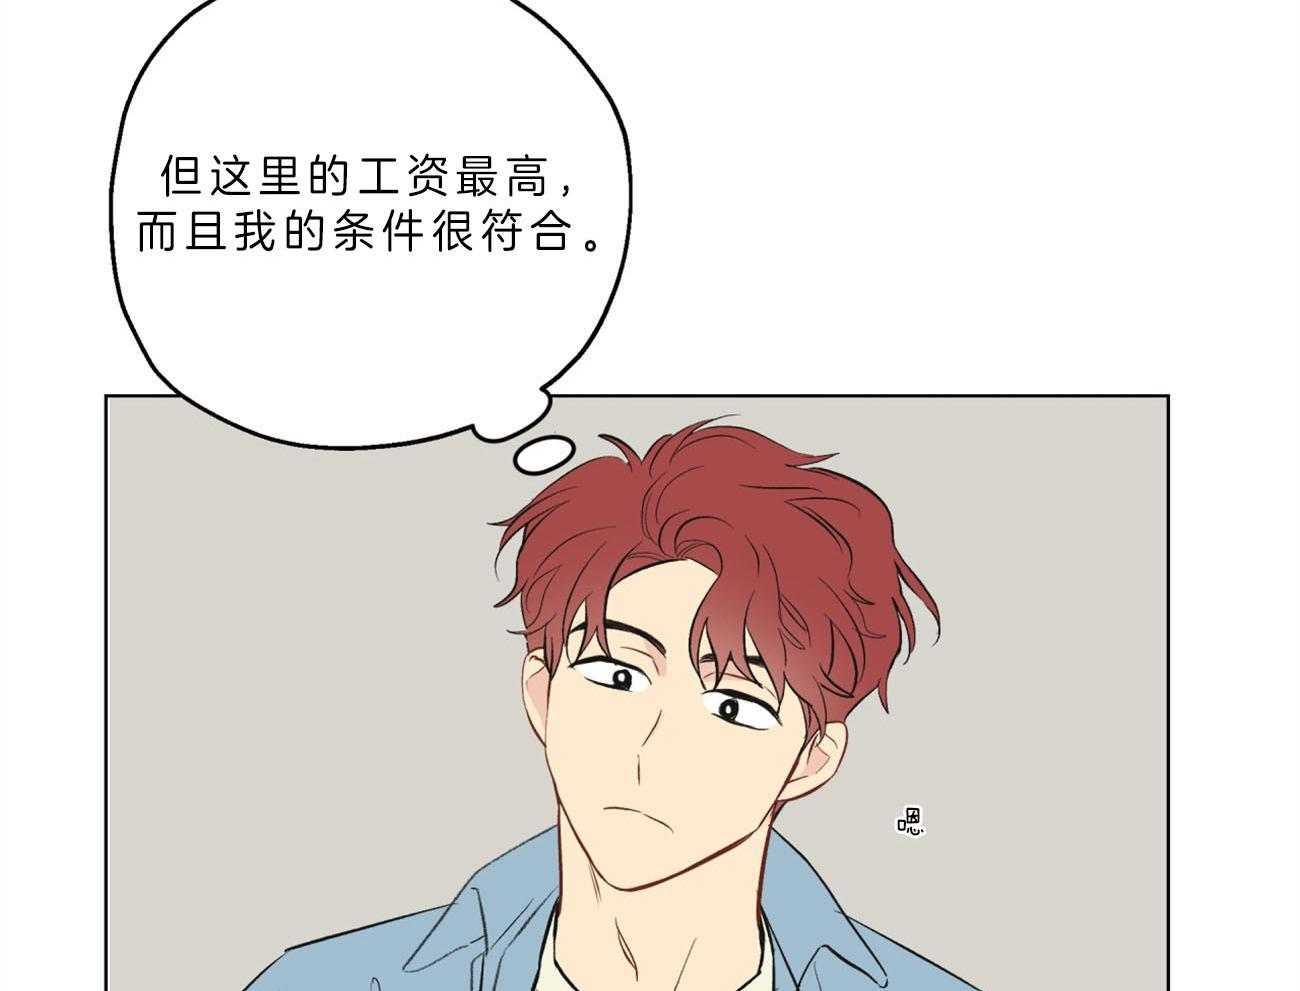 梦境很奇怪!-韩漫免费全集在线阅读_完整版汉化连载-啵乐漫画